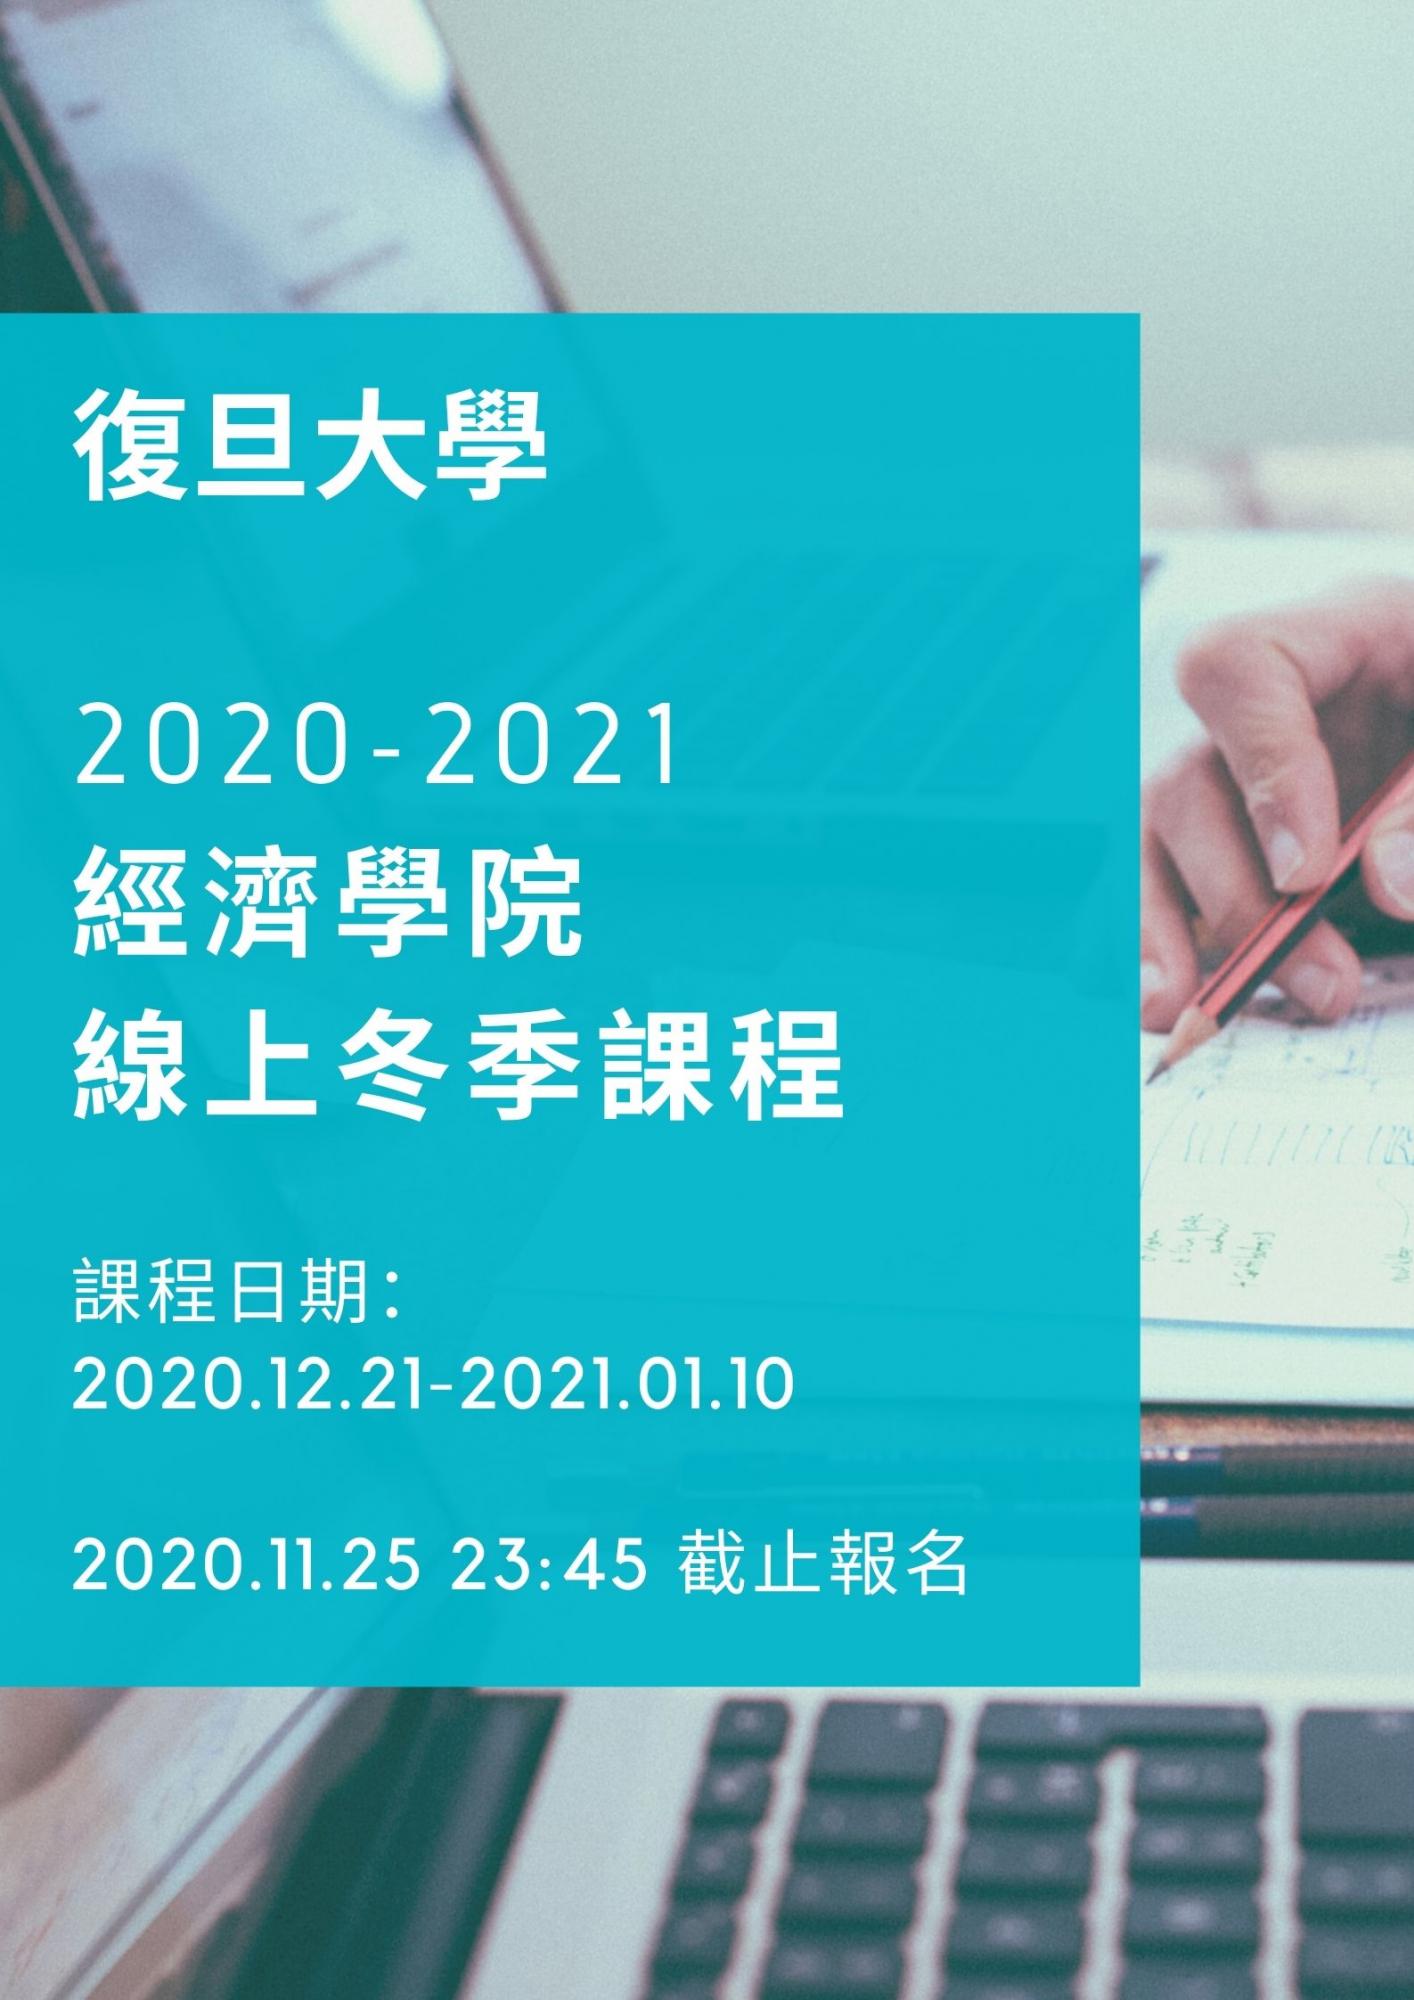 復旦大學2020-2021經濟學院線上冬季課程